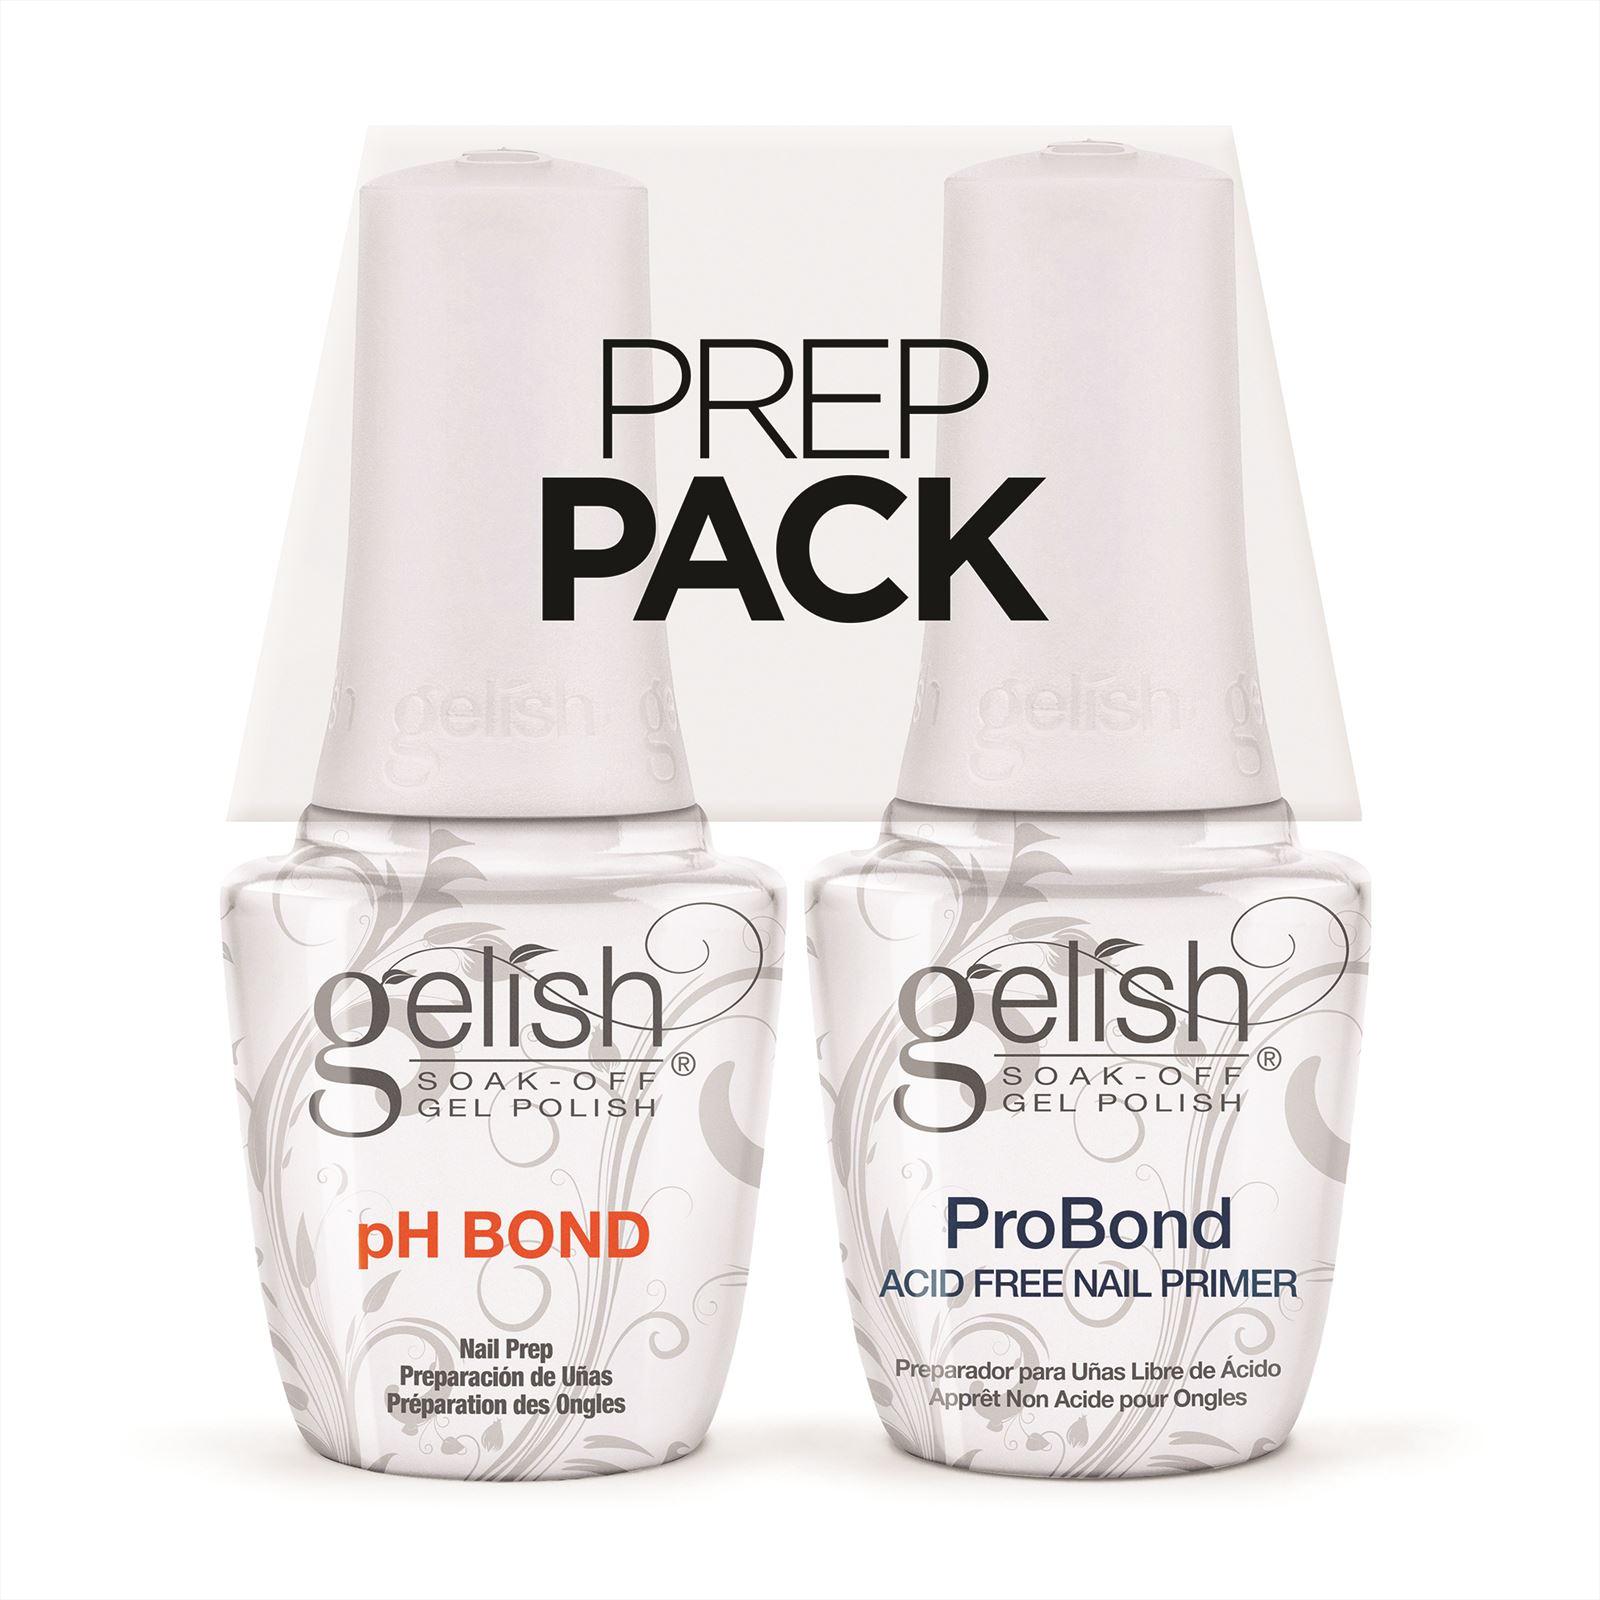 Afbeelding van Gelish Prep-Pack